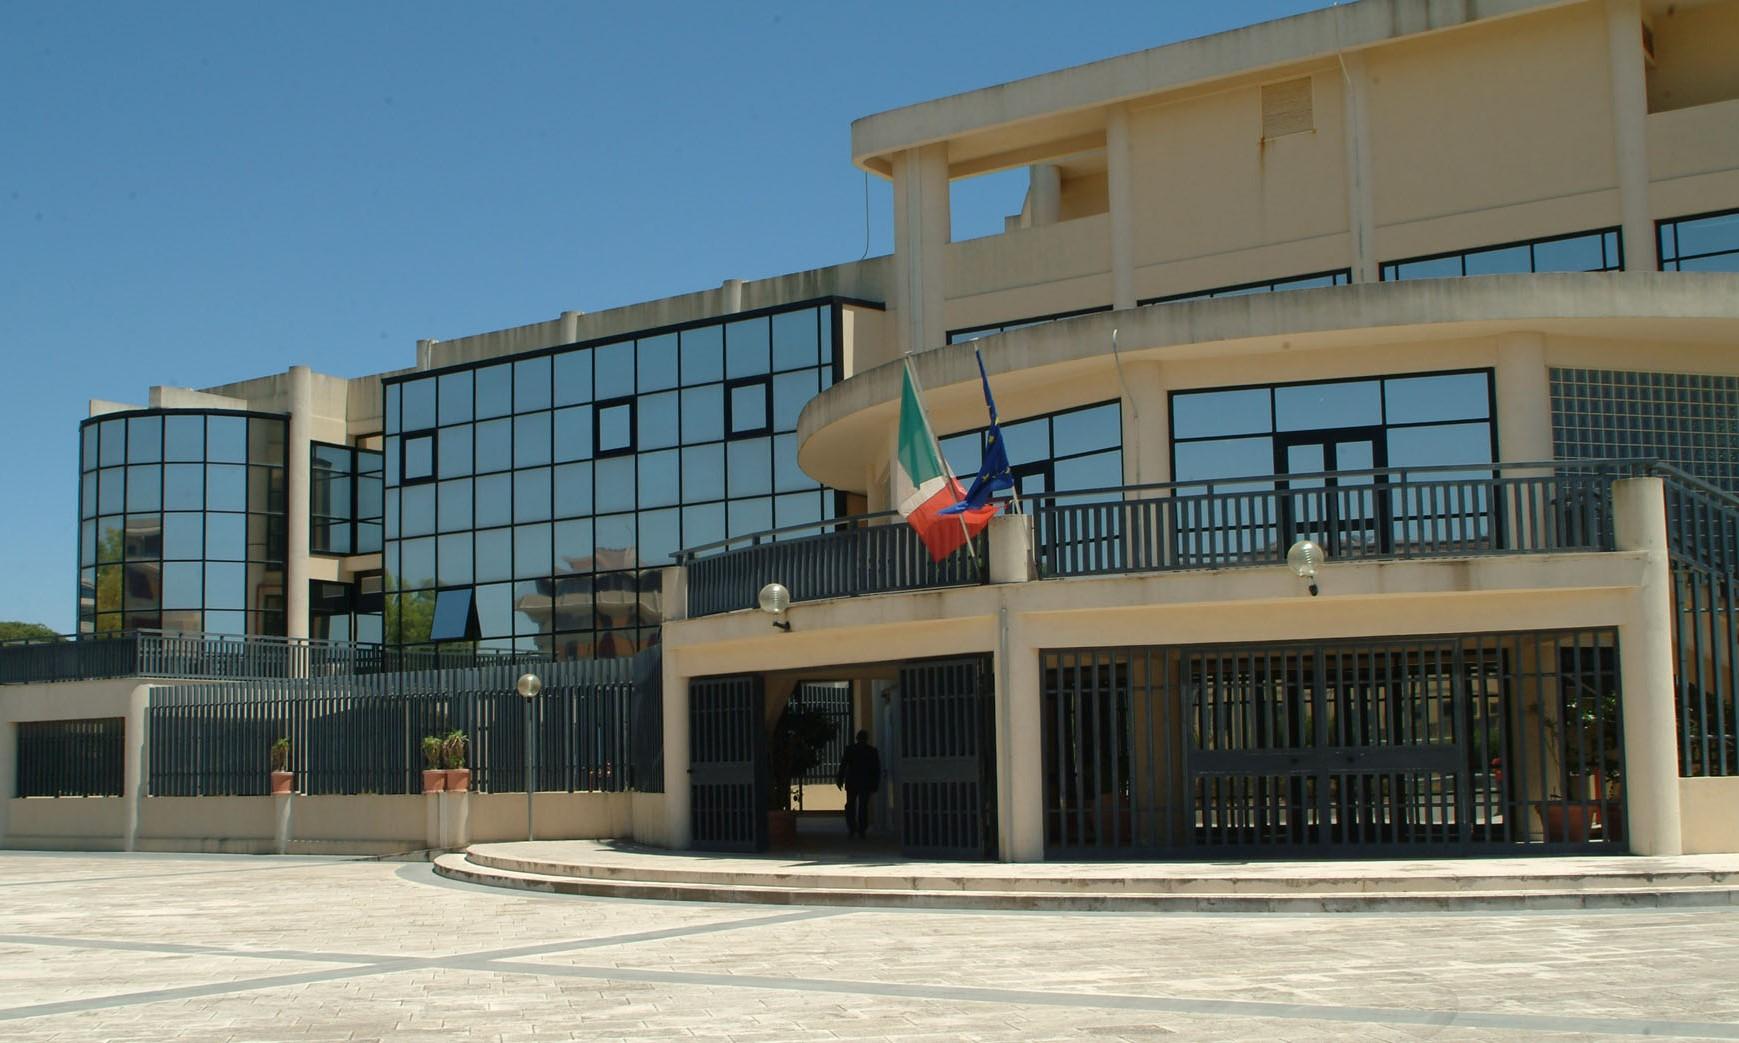 Modica, Palazzo di giustizia: mancate risposte e promesse al vento